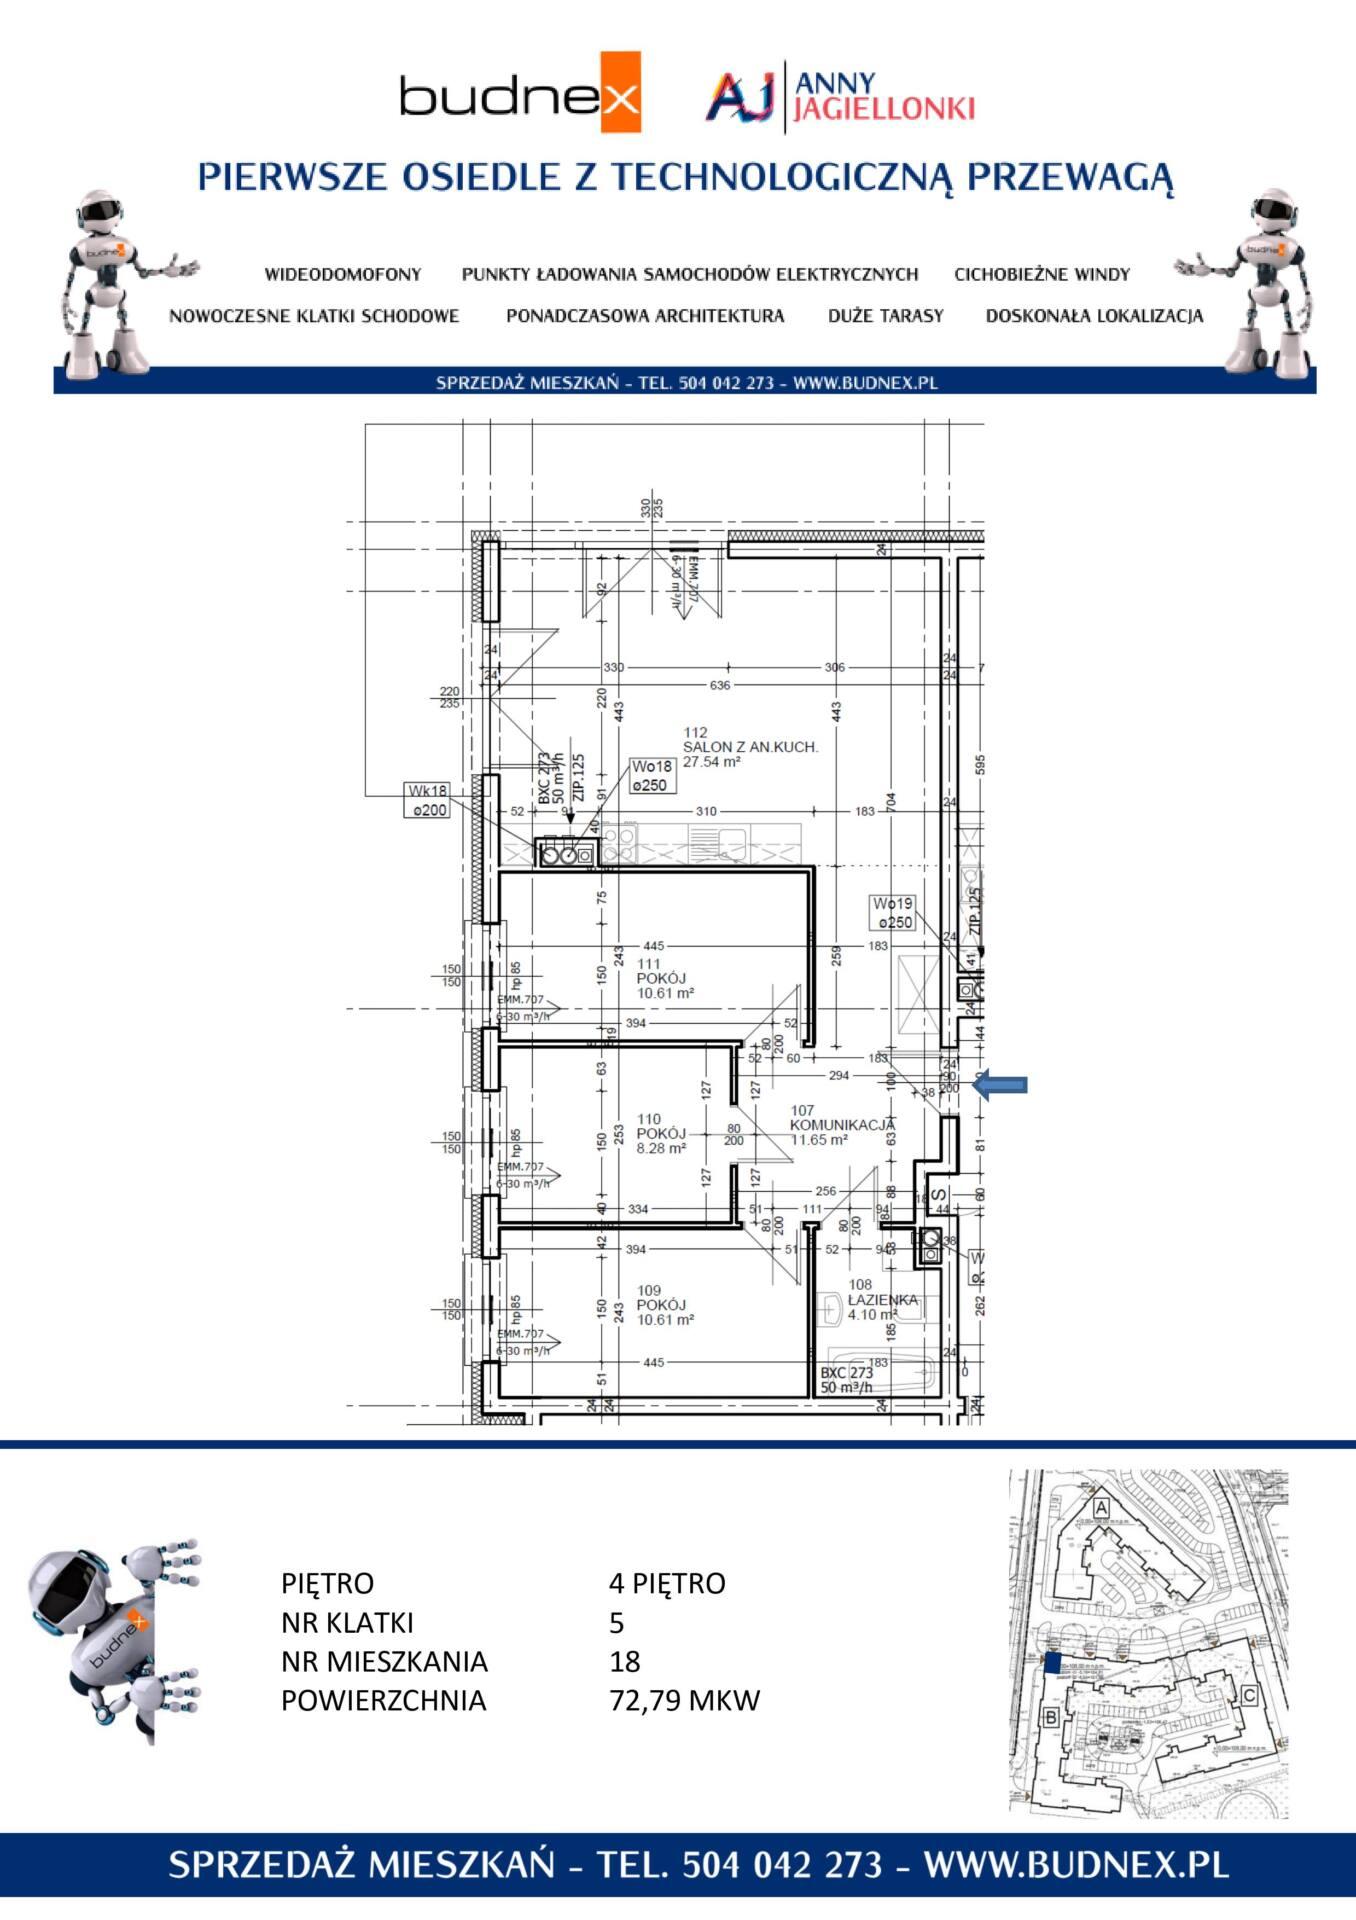 Mieszkanie Zielona Góra 4-pokoje, taras - ul. Anny Jagiellonki